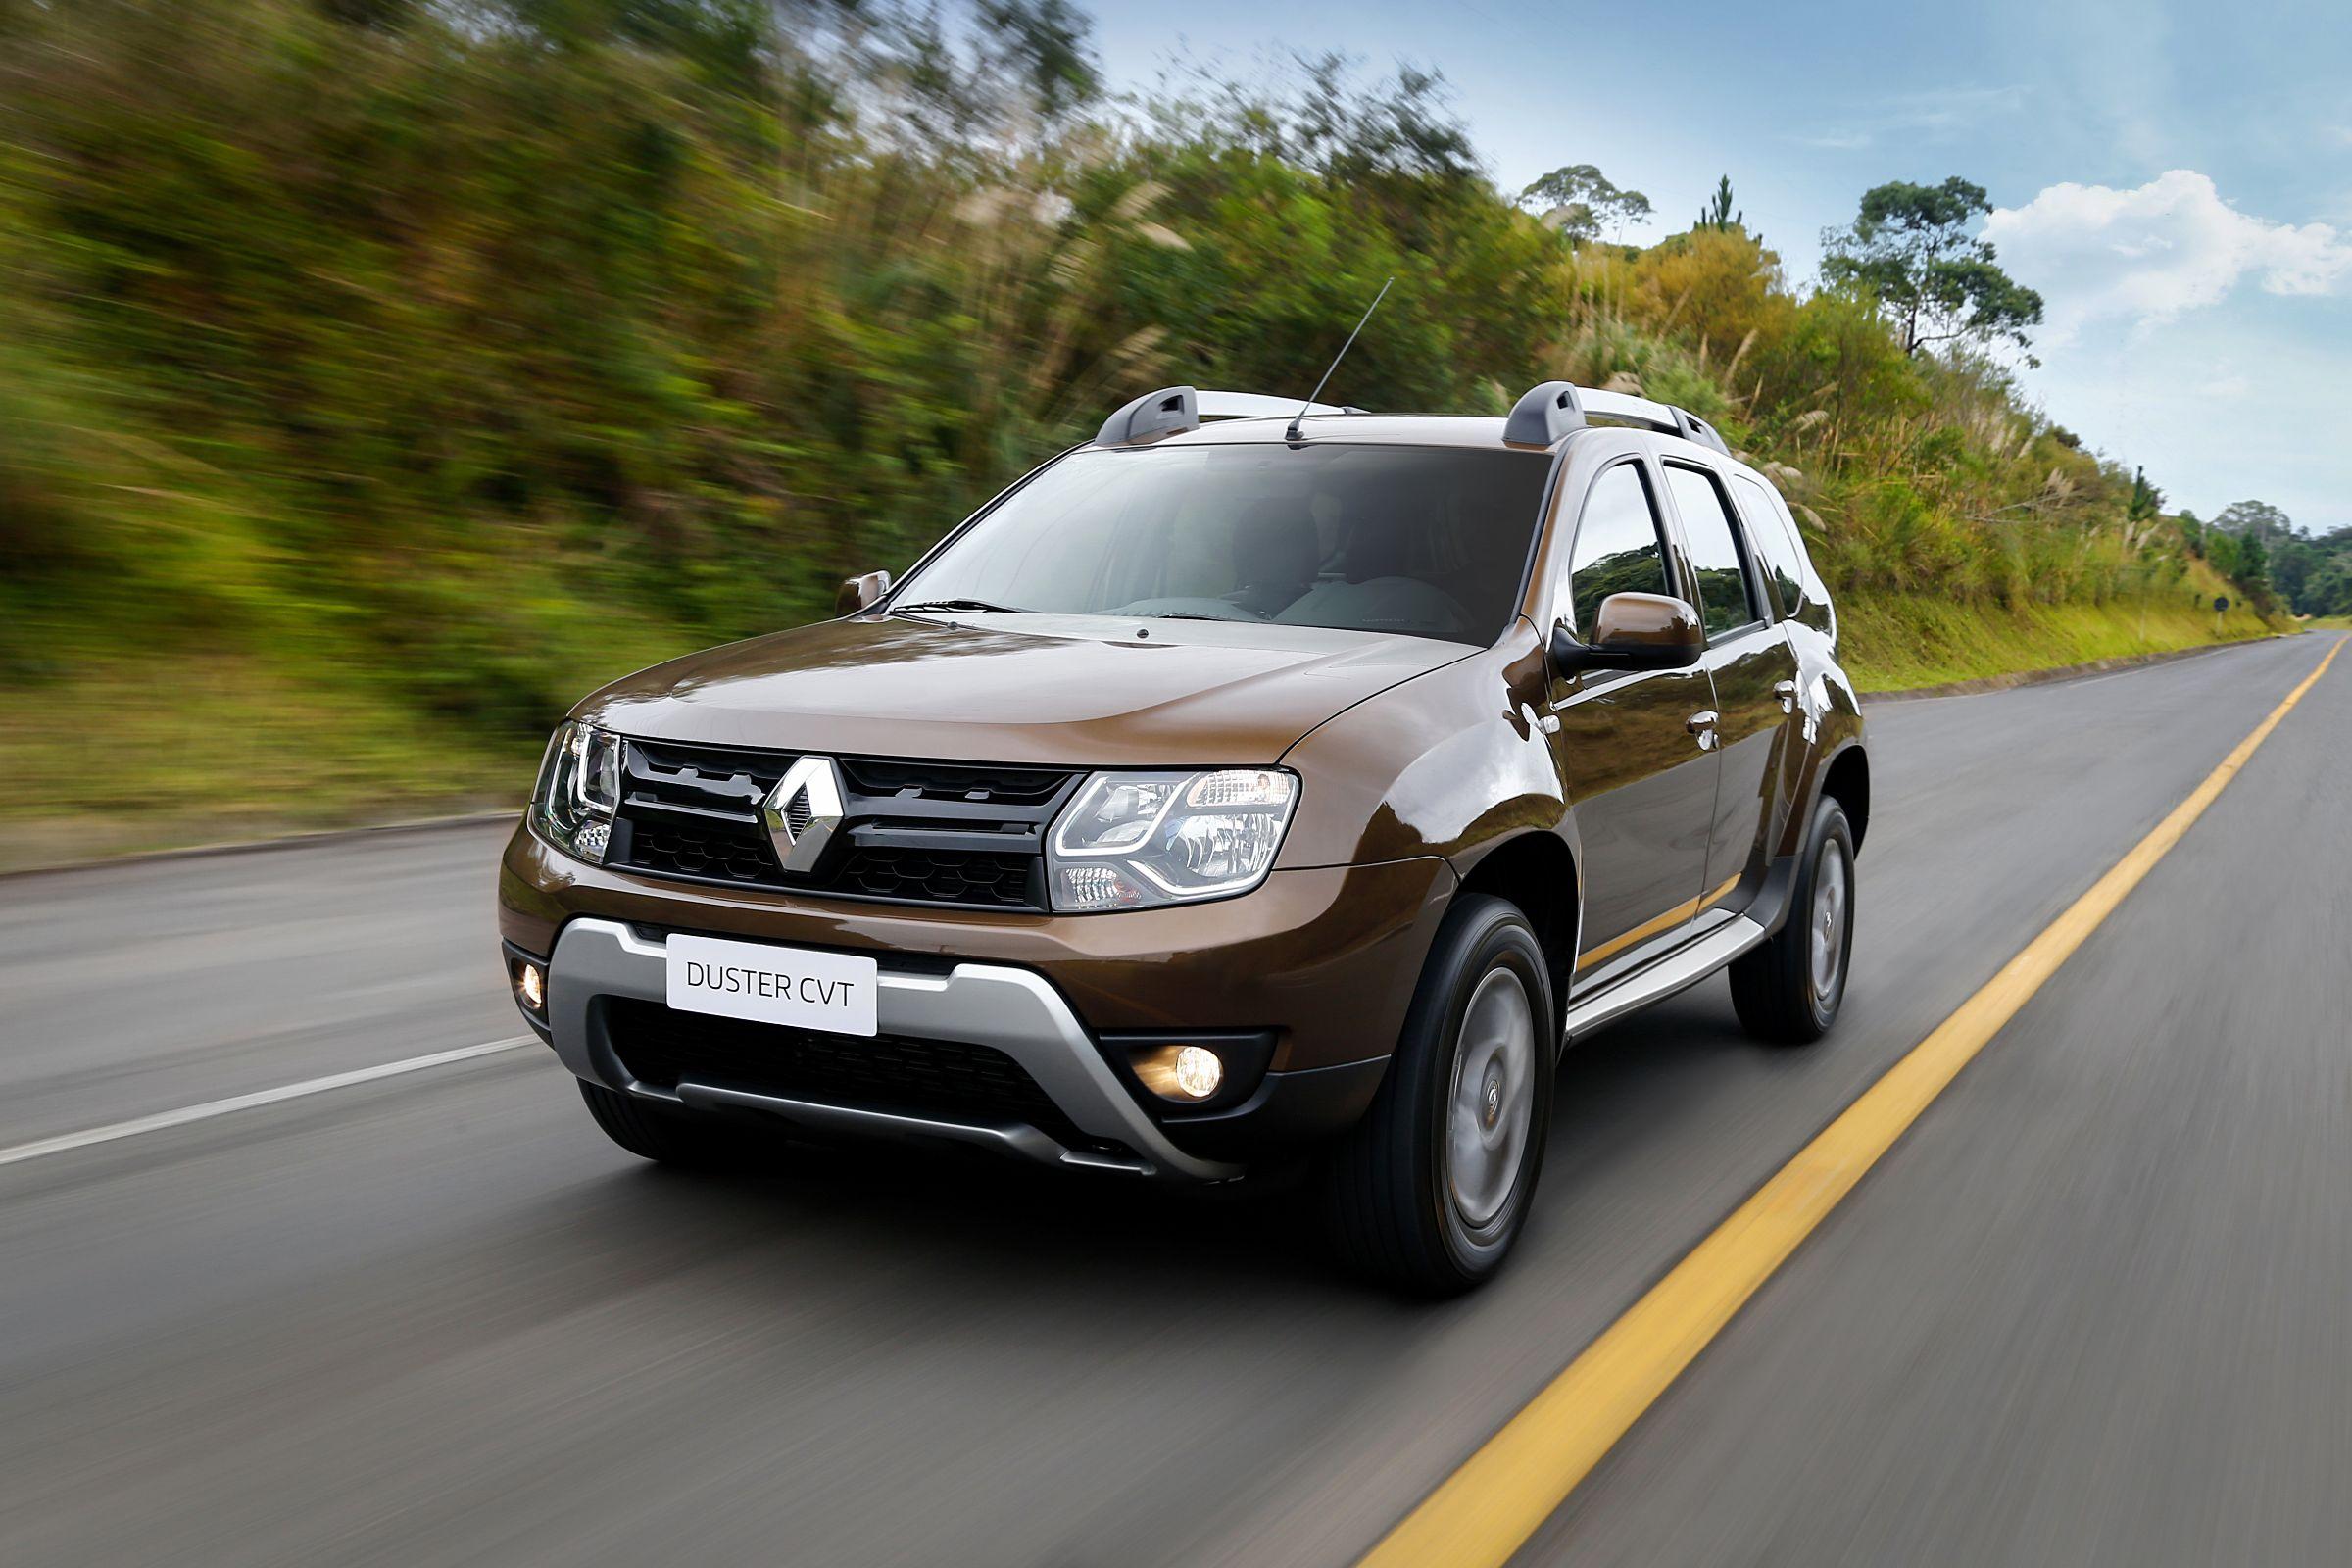 Renault convoca quase 12 mil unidades dos modelos Duster e Oroch para recall dos freios. Falha grave acomete veículos produzidos entre 2017 e 2018.